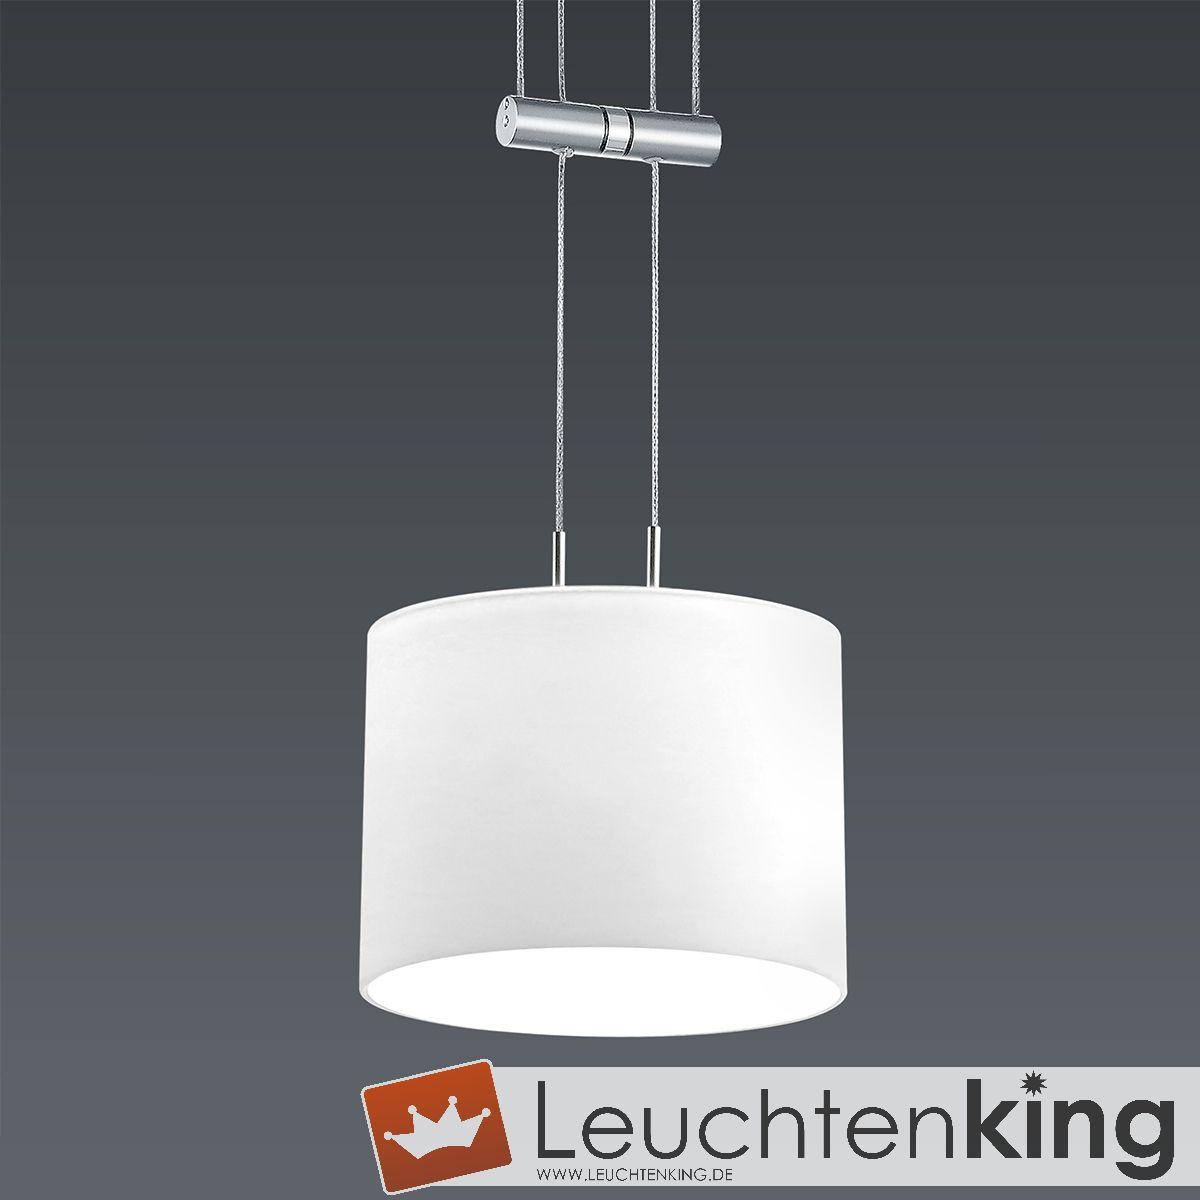 LED-Pendelleuchte Grazia zur Strada von BANKAMP Leuchtenmanufaktur